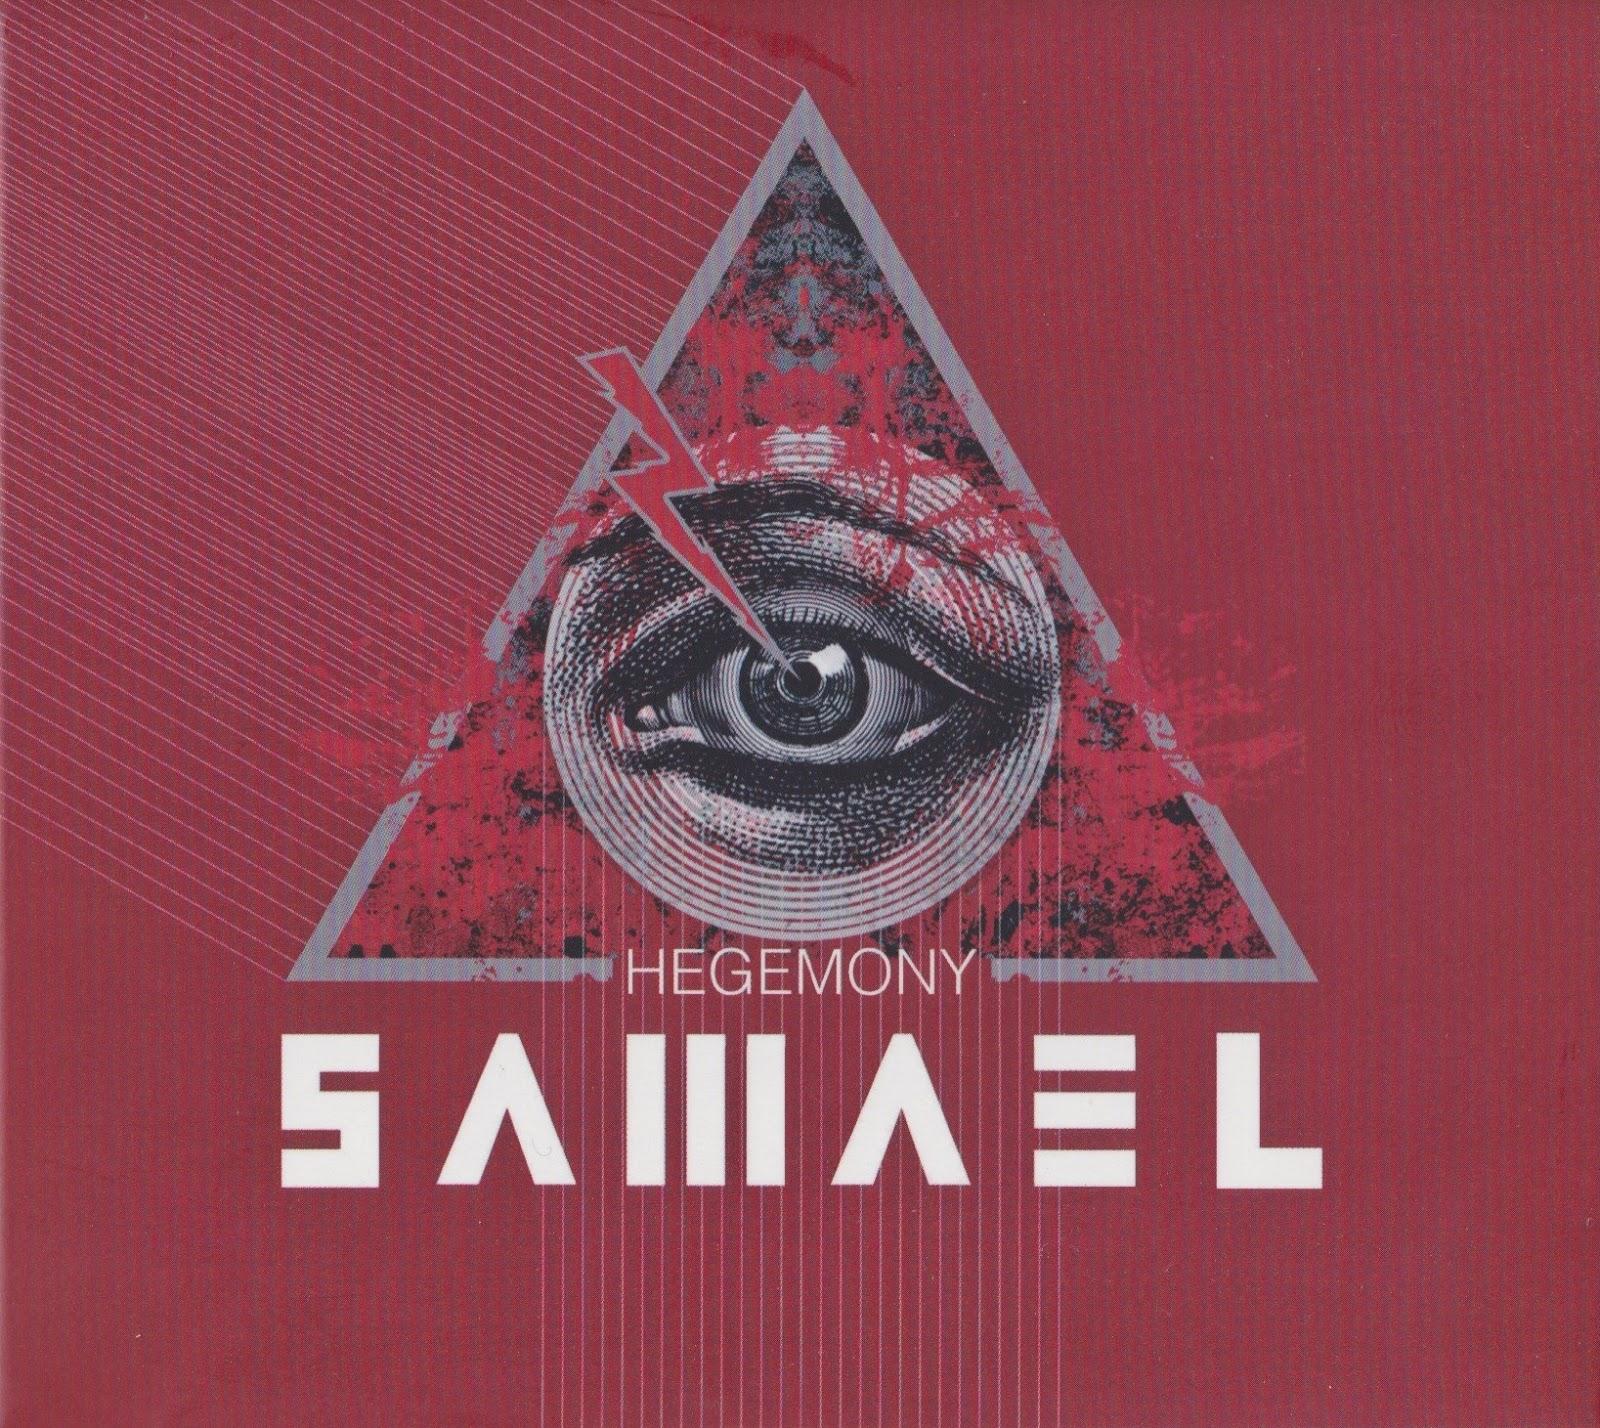 Samael — Hegemony (2017)